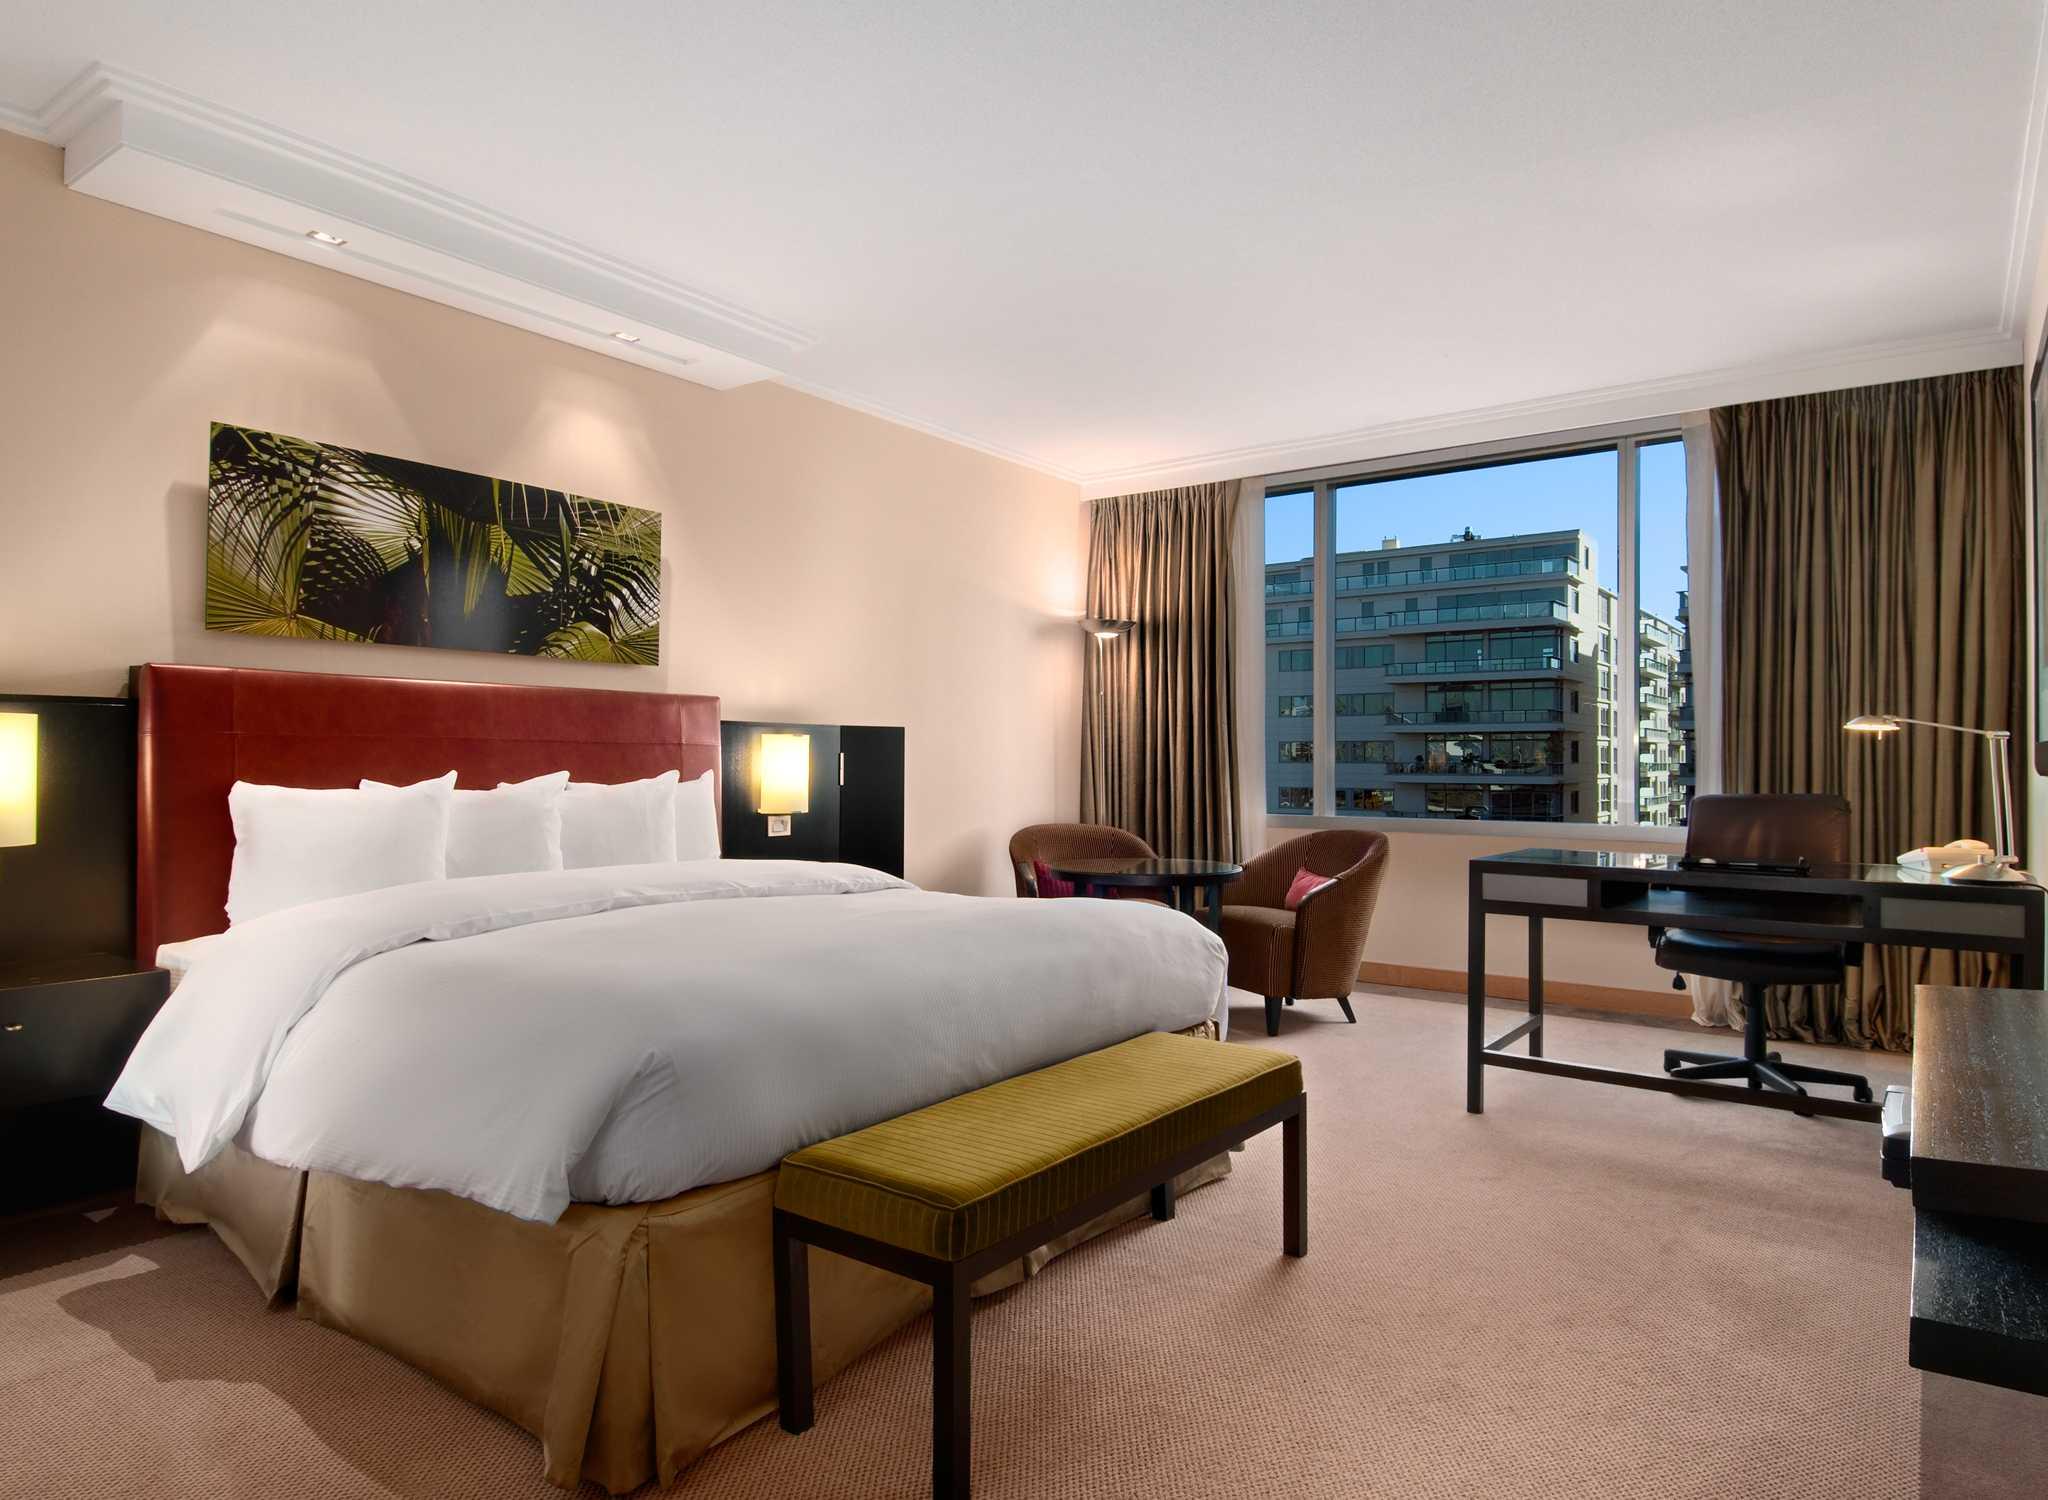 Hotel Claridge Firenze